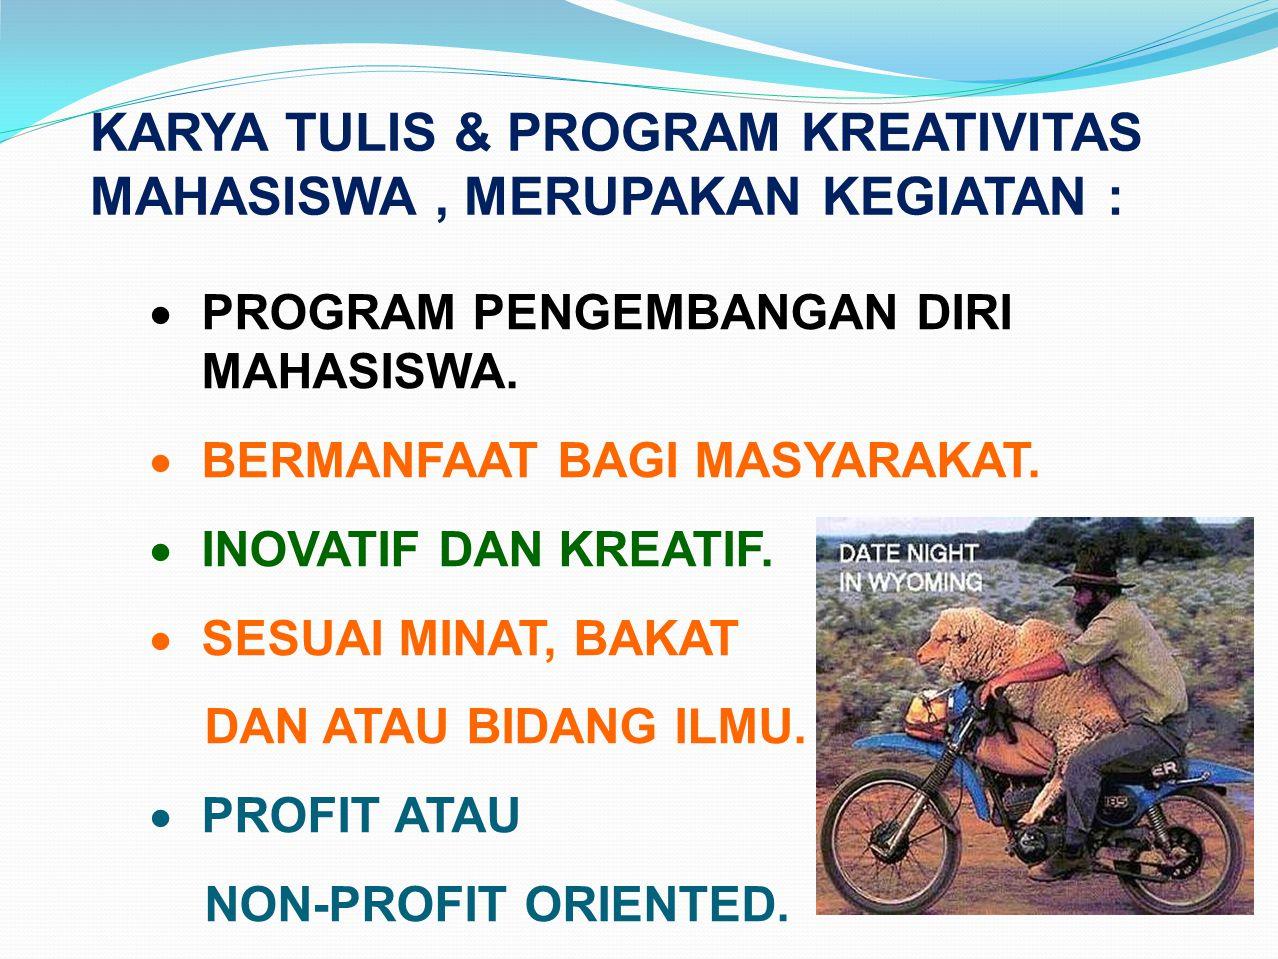 KARYA TULIS & PROGRAM KREATIVITAS MAHASISWA , MERUPAKAN KEGIATAN :